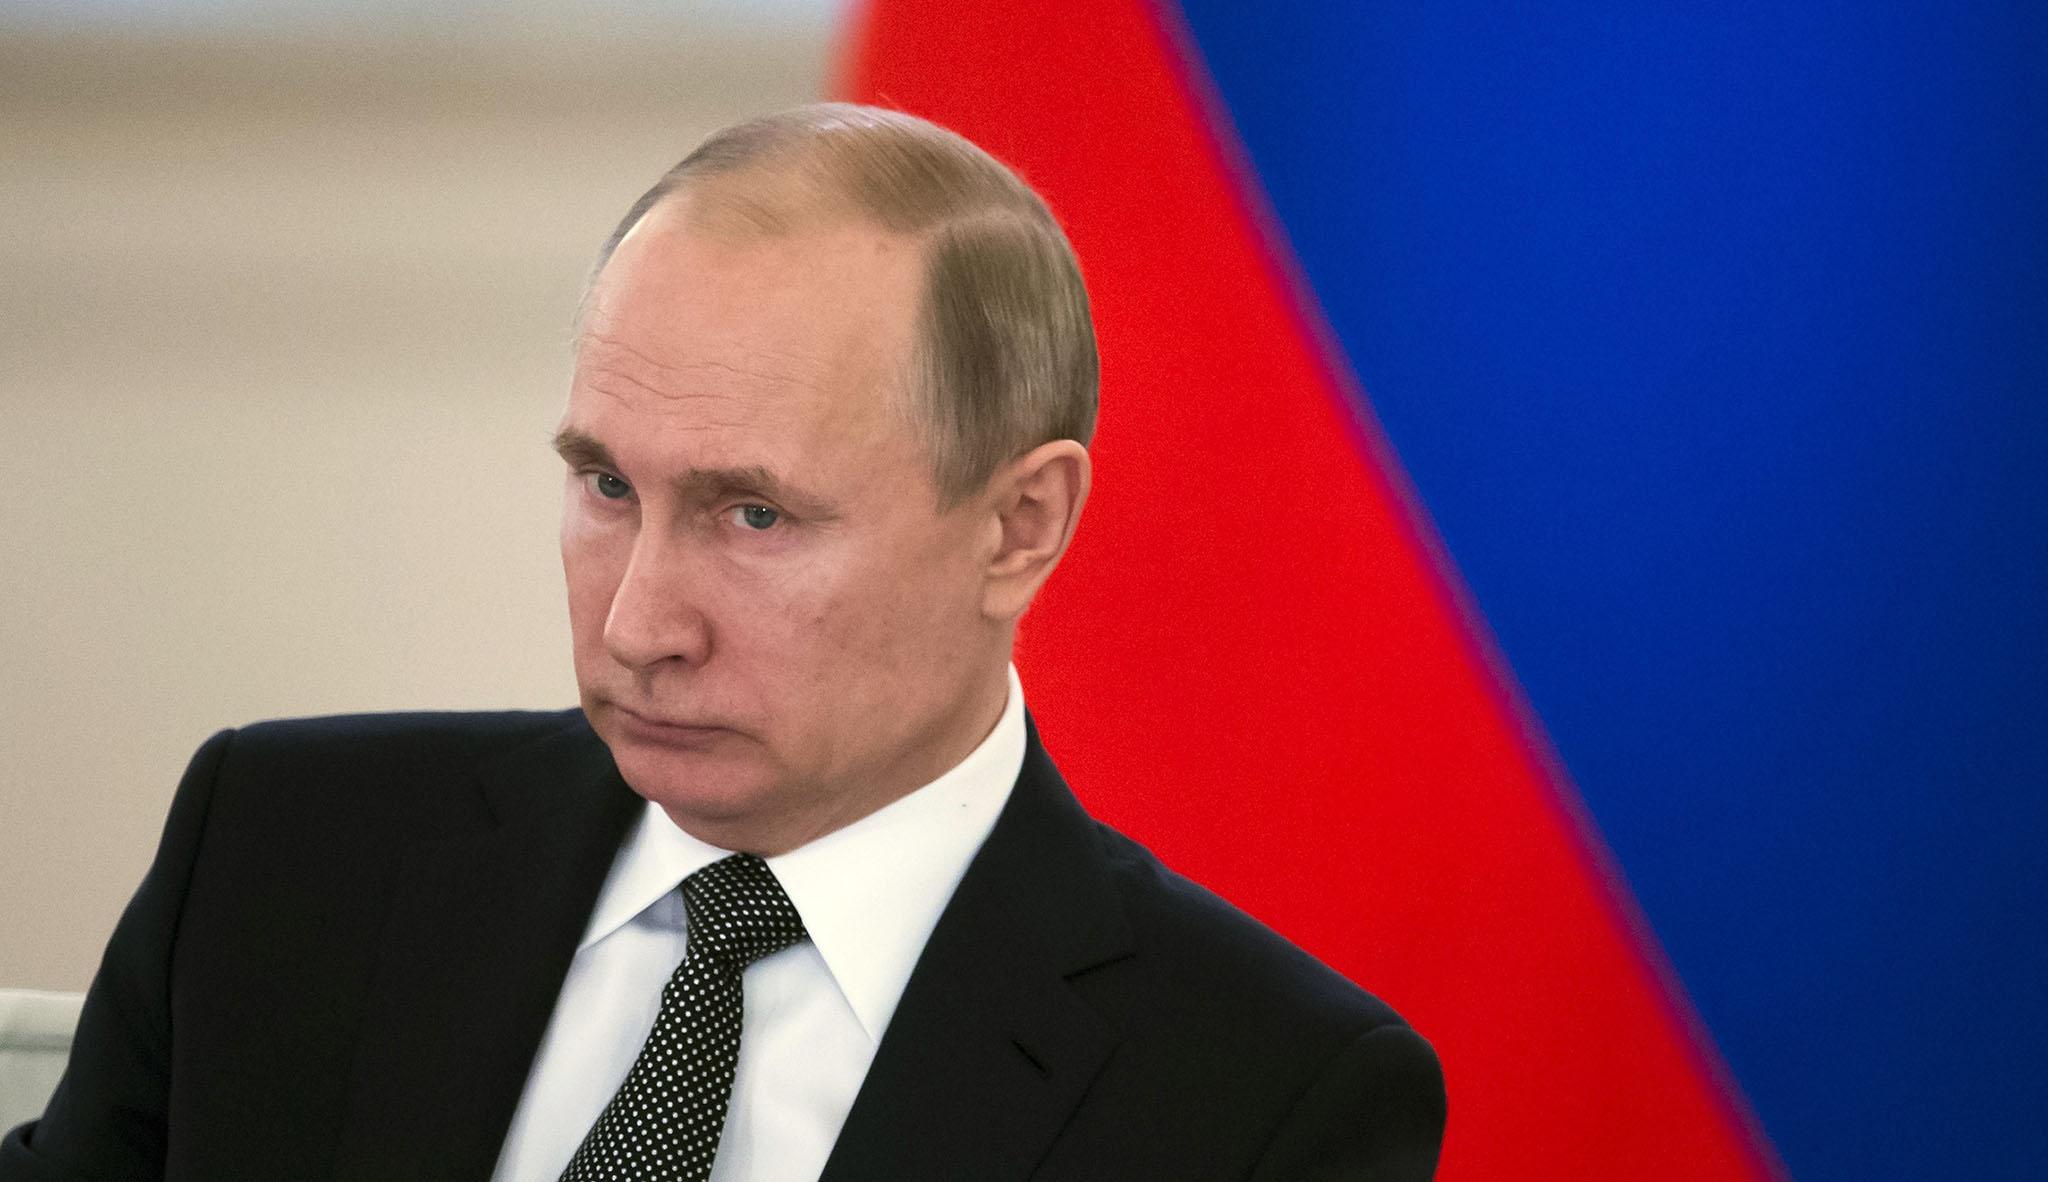 Presidente da Coreia do Sul na Rússia para reforçar relações